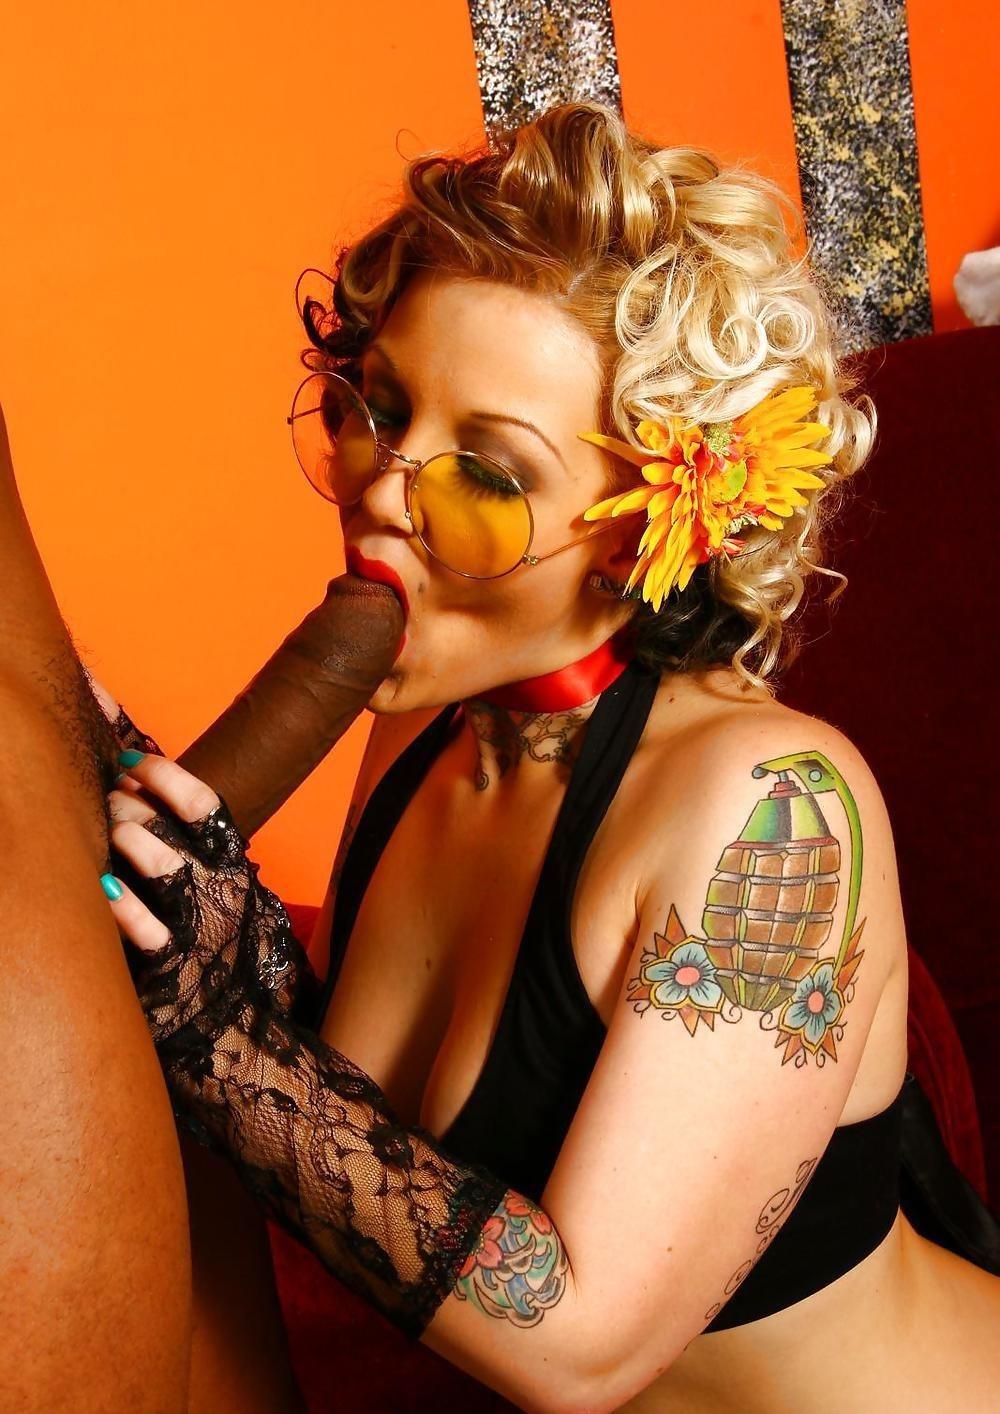 Interracial blowjob pic-4181